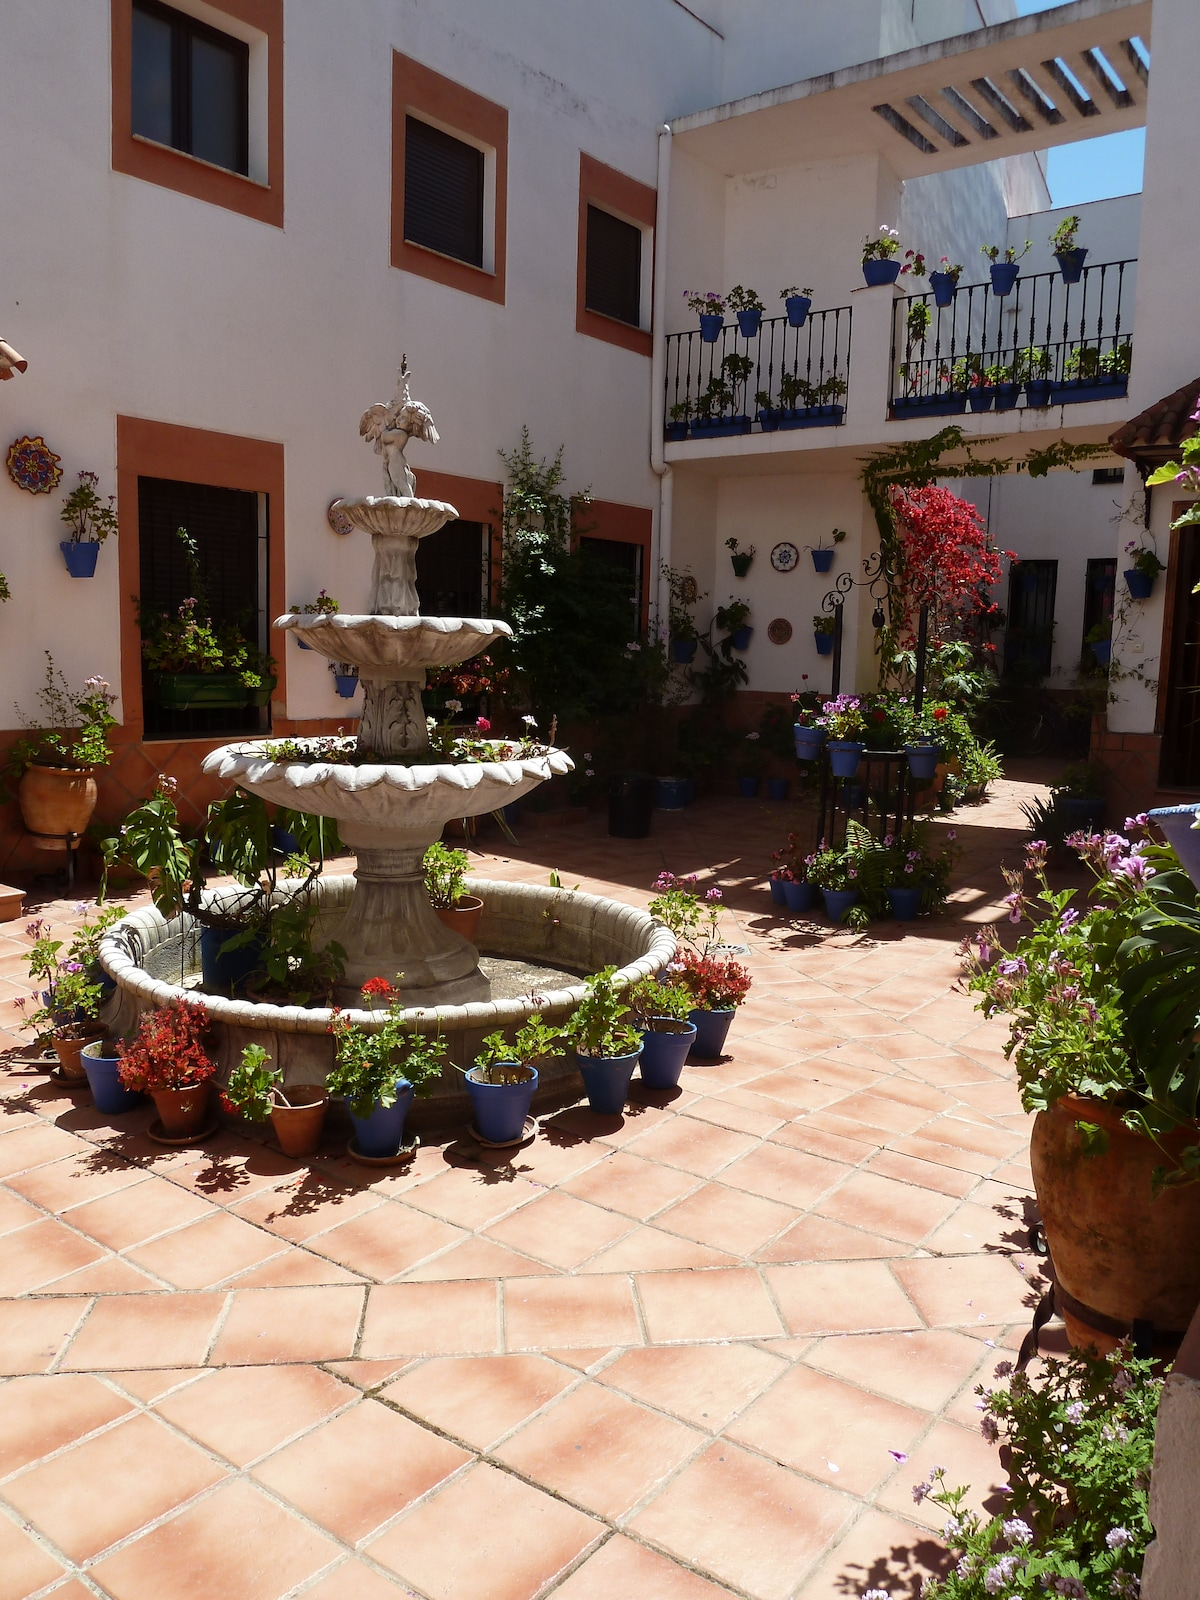 Alquiler casa Judería de Córdoba